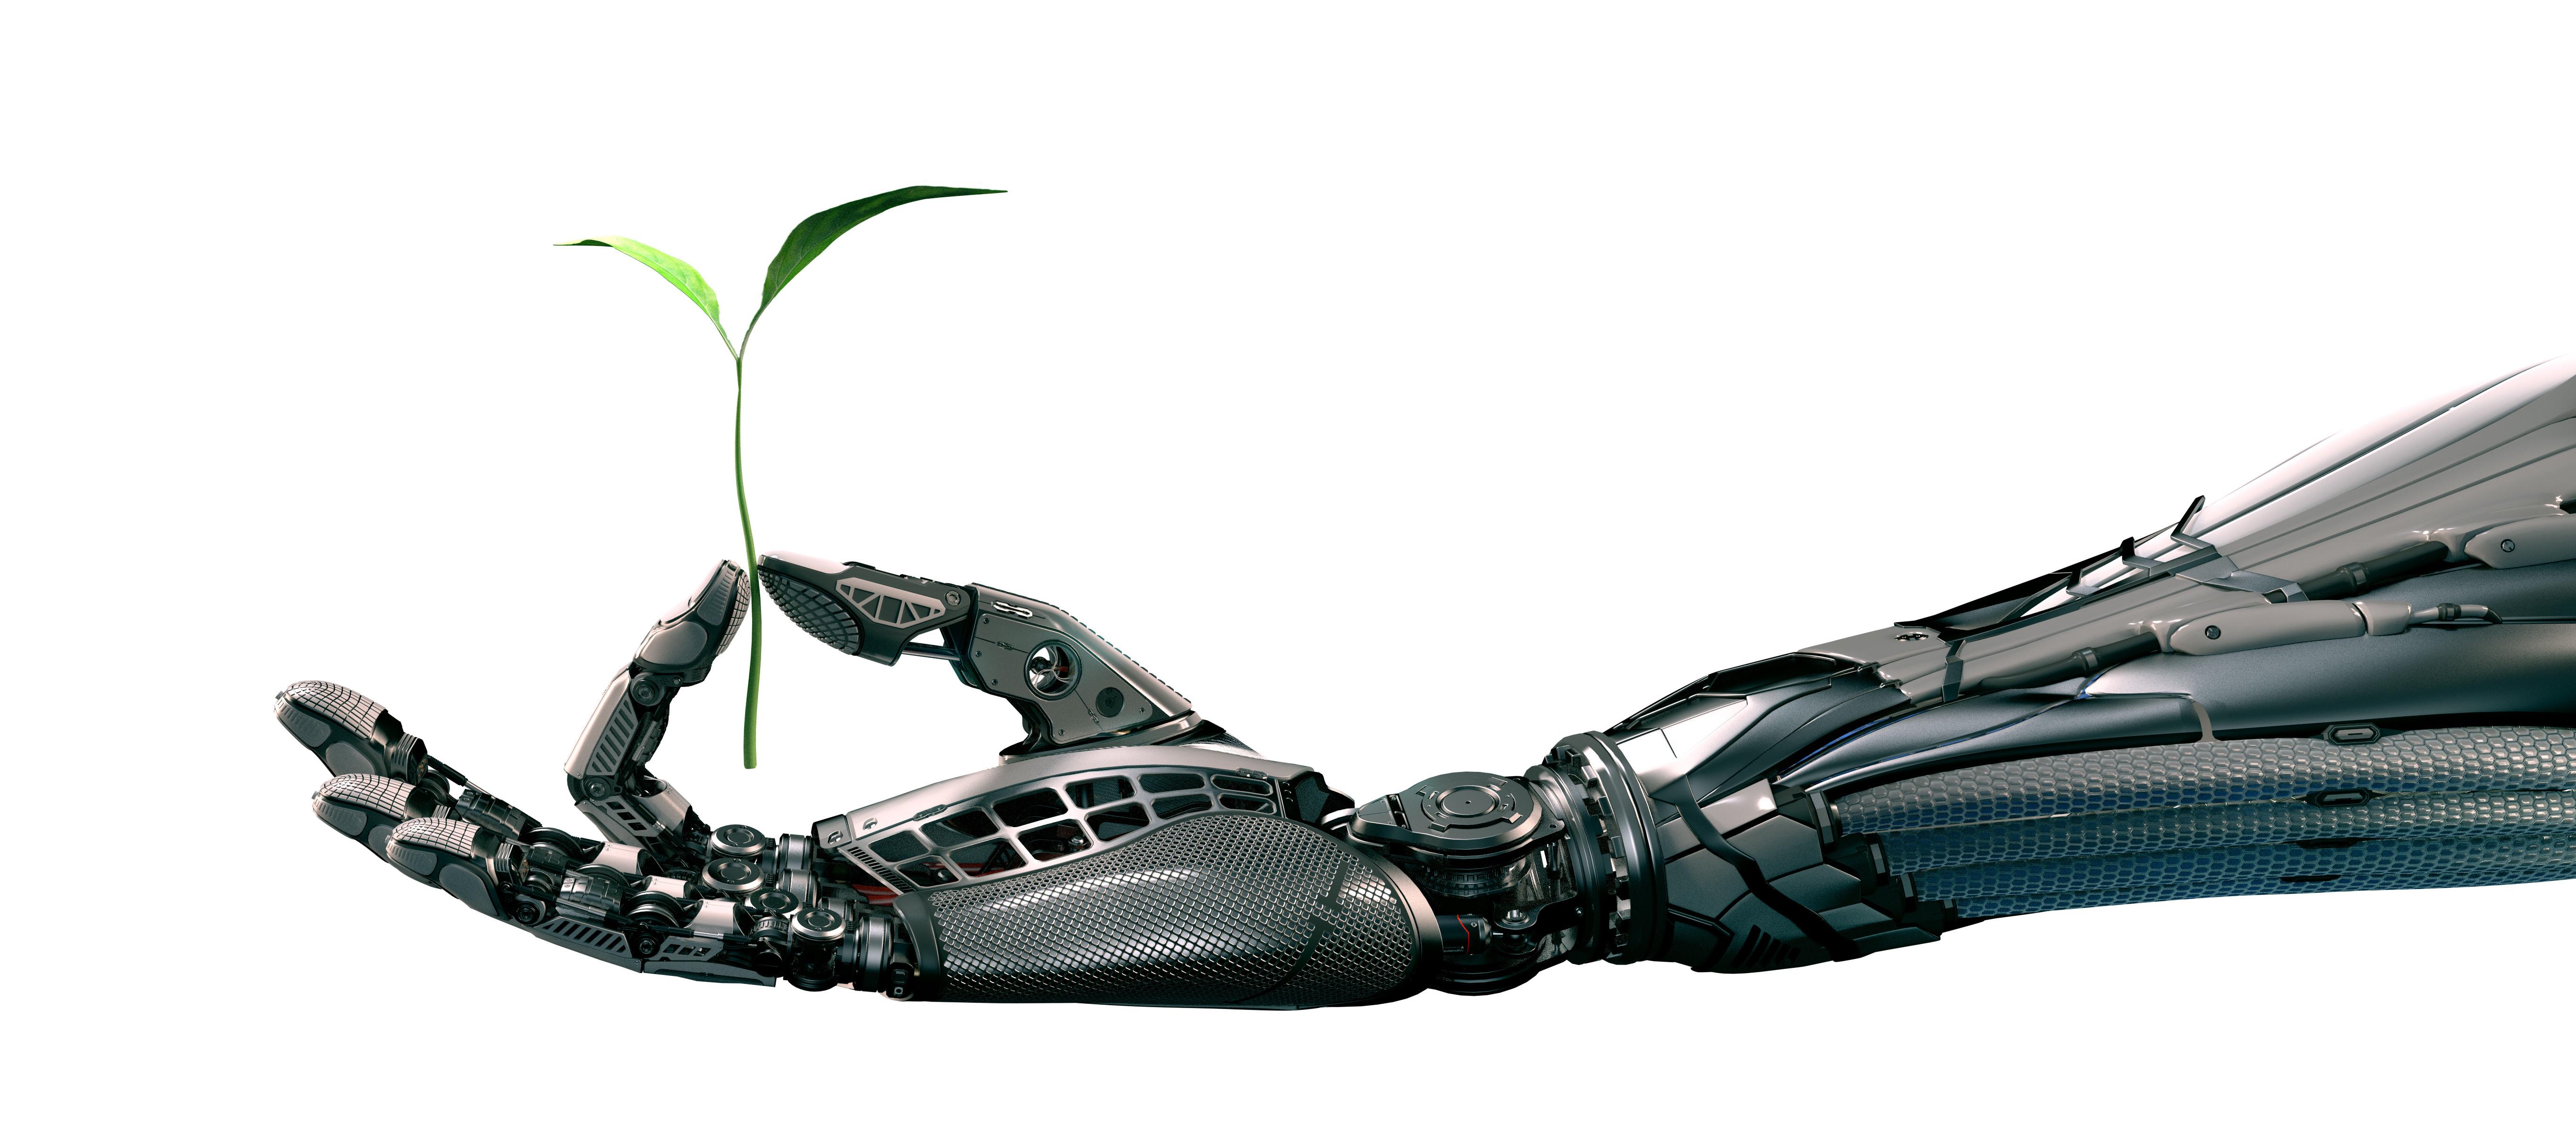 Robot holding leaf.